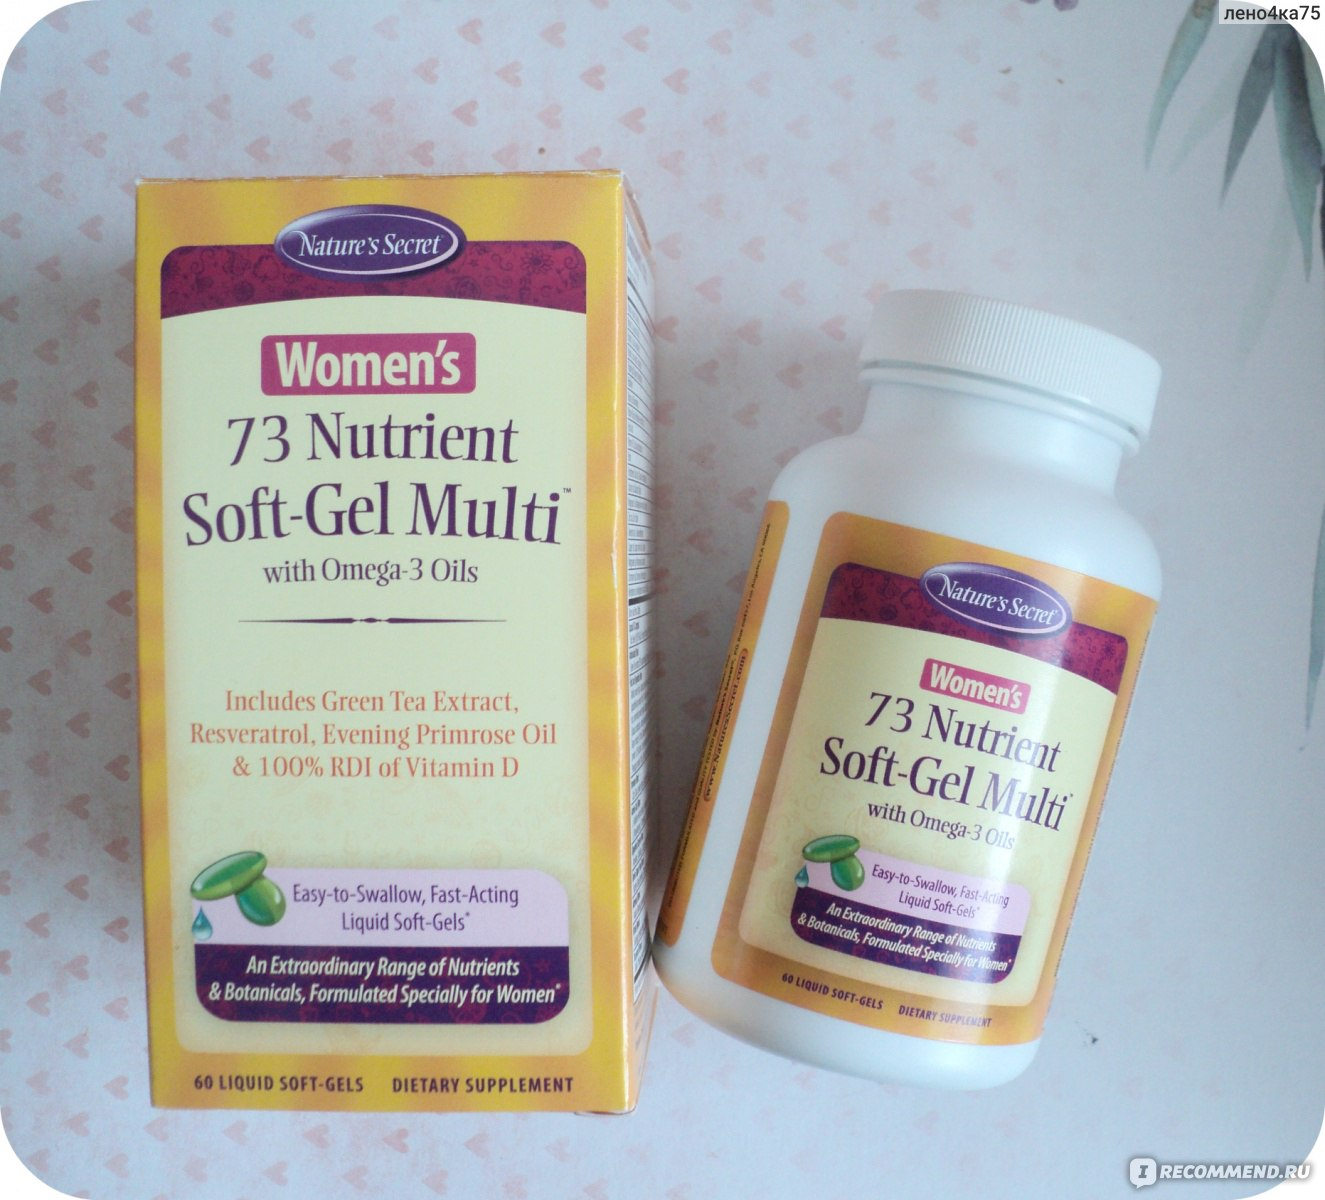 Недорогие и эффективные витамины для женщин